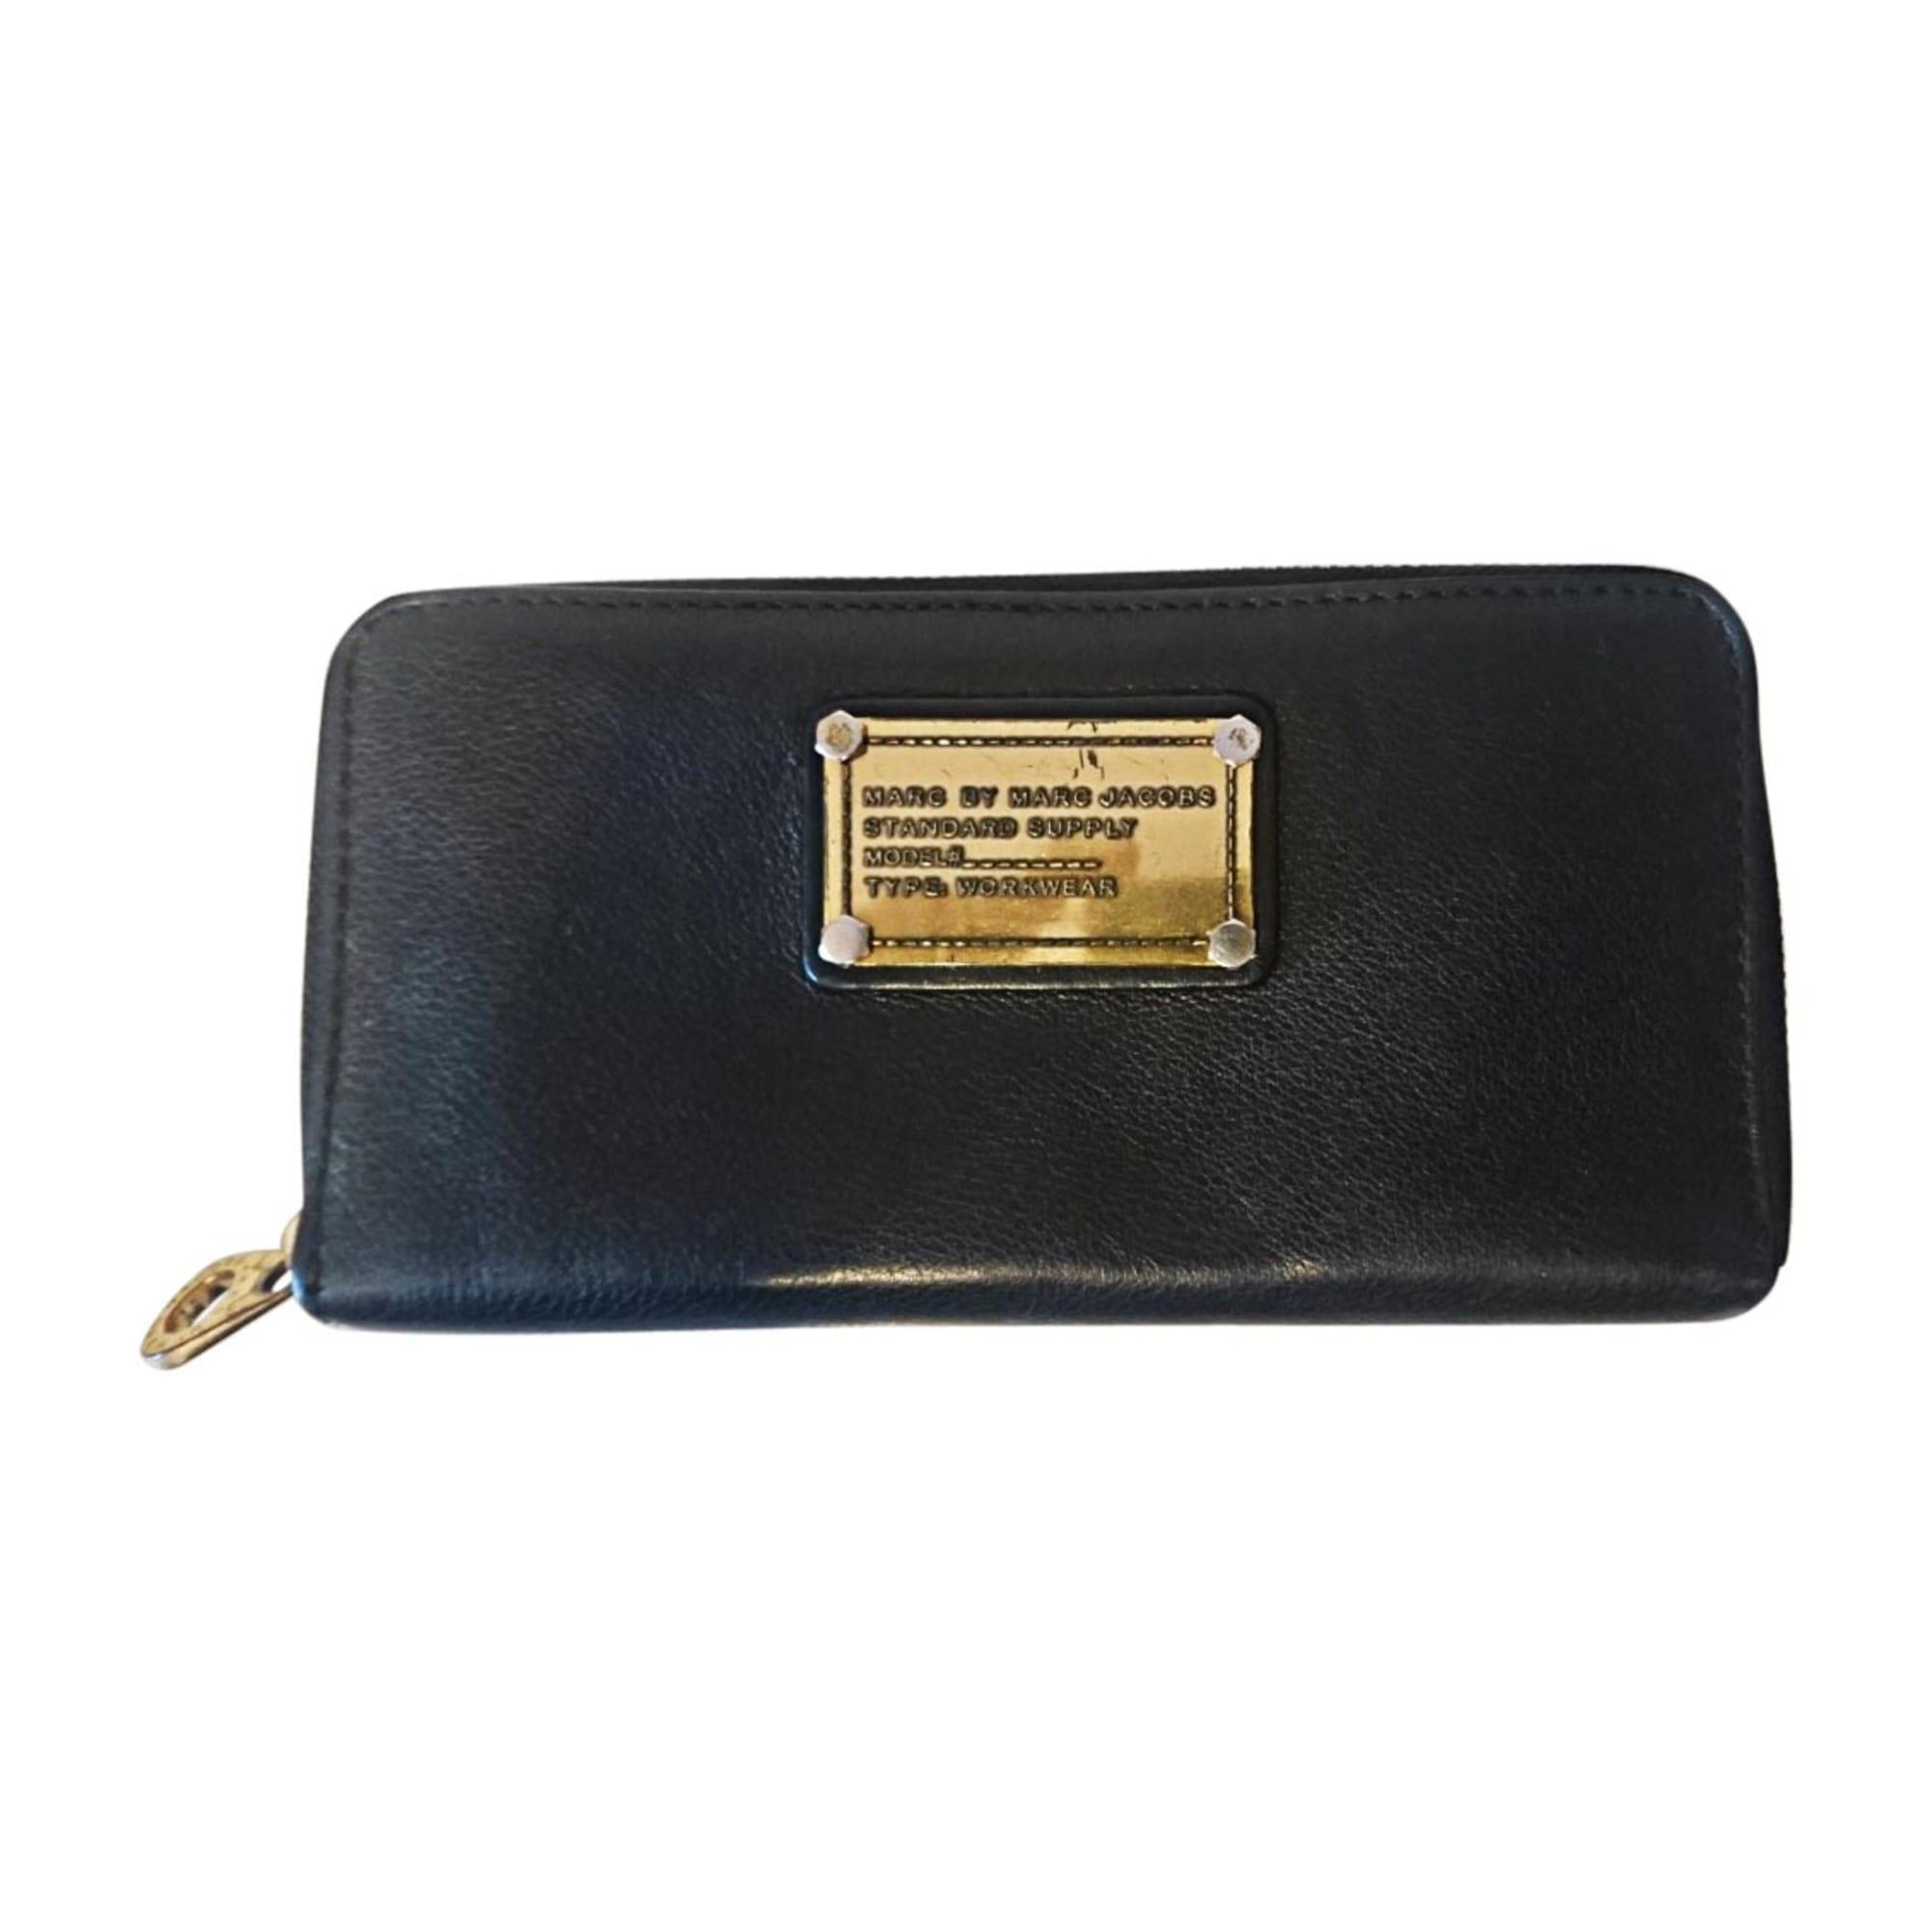 48939a61d3728 Porte-monnaie MARC JACOBS noir vendu par Sandra 443588893 - 6743287